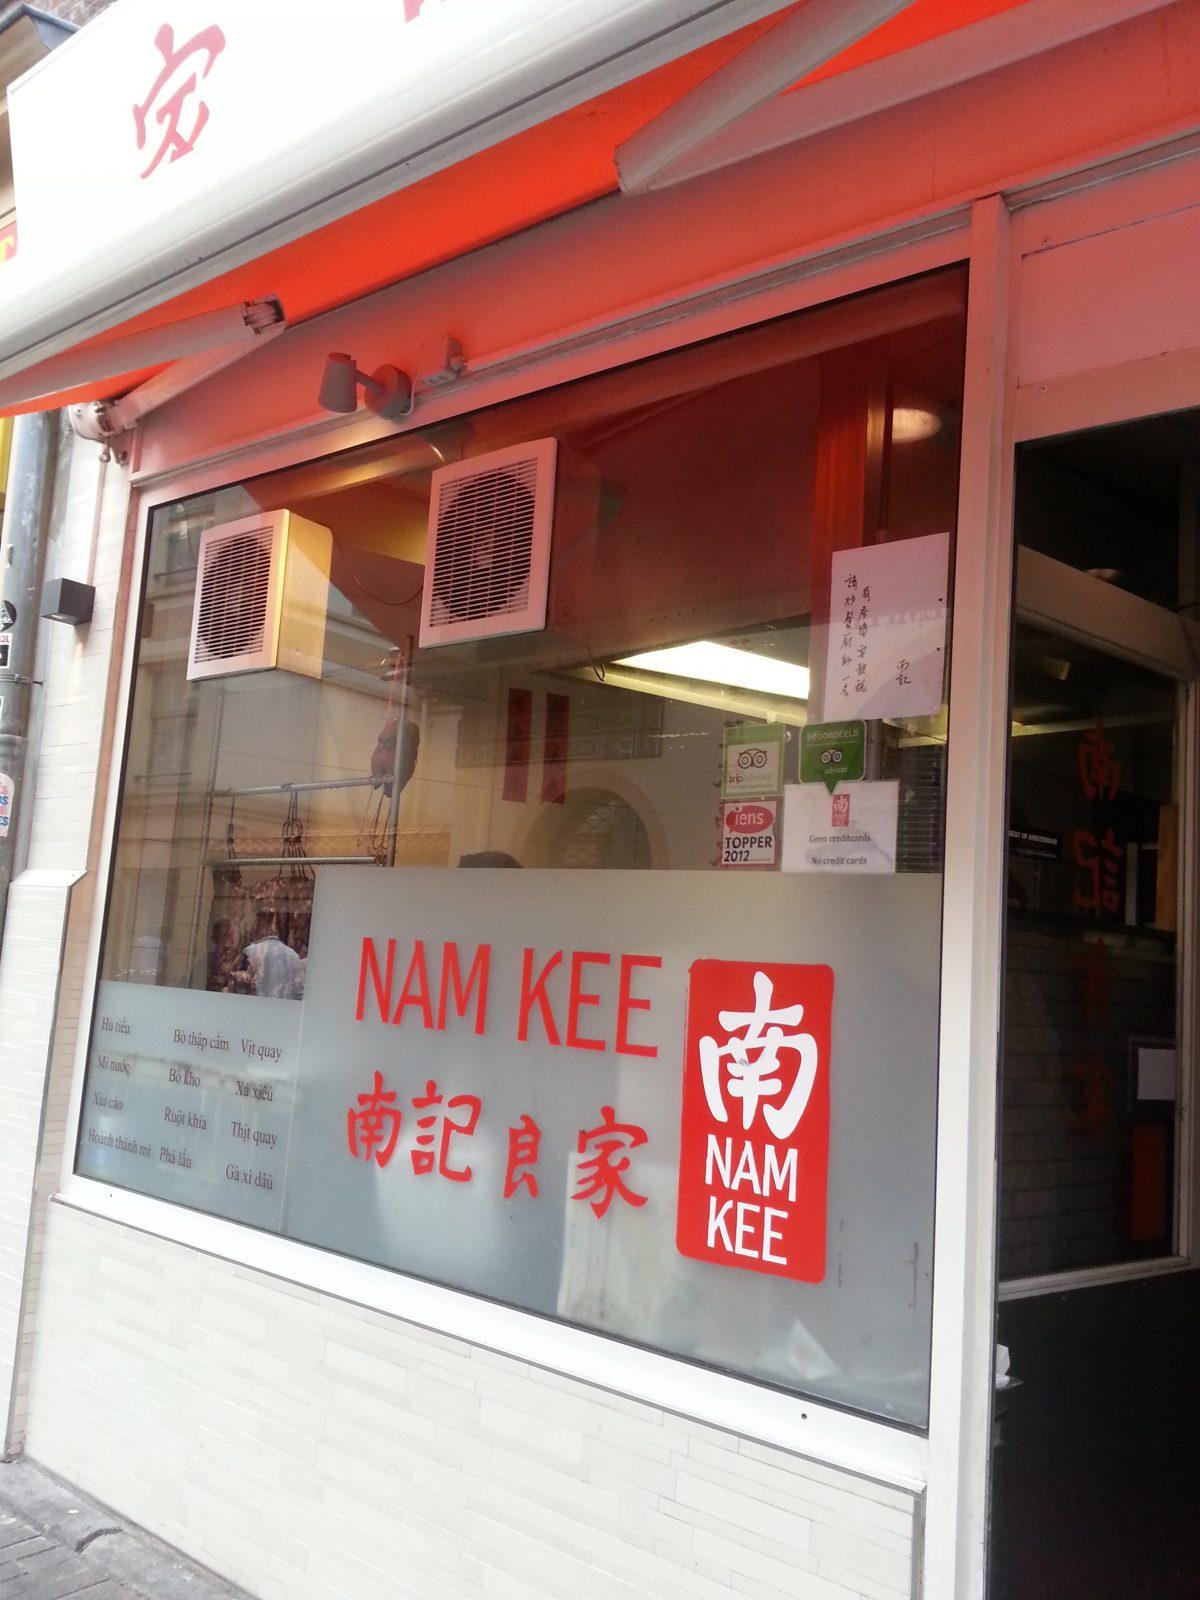 アムステルダム 中華 中華レストラン 中国料理 ナムキー 南記 namkee